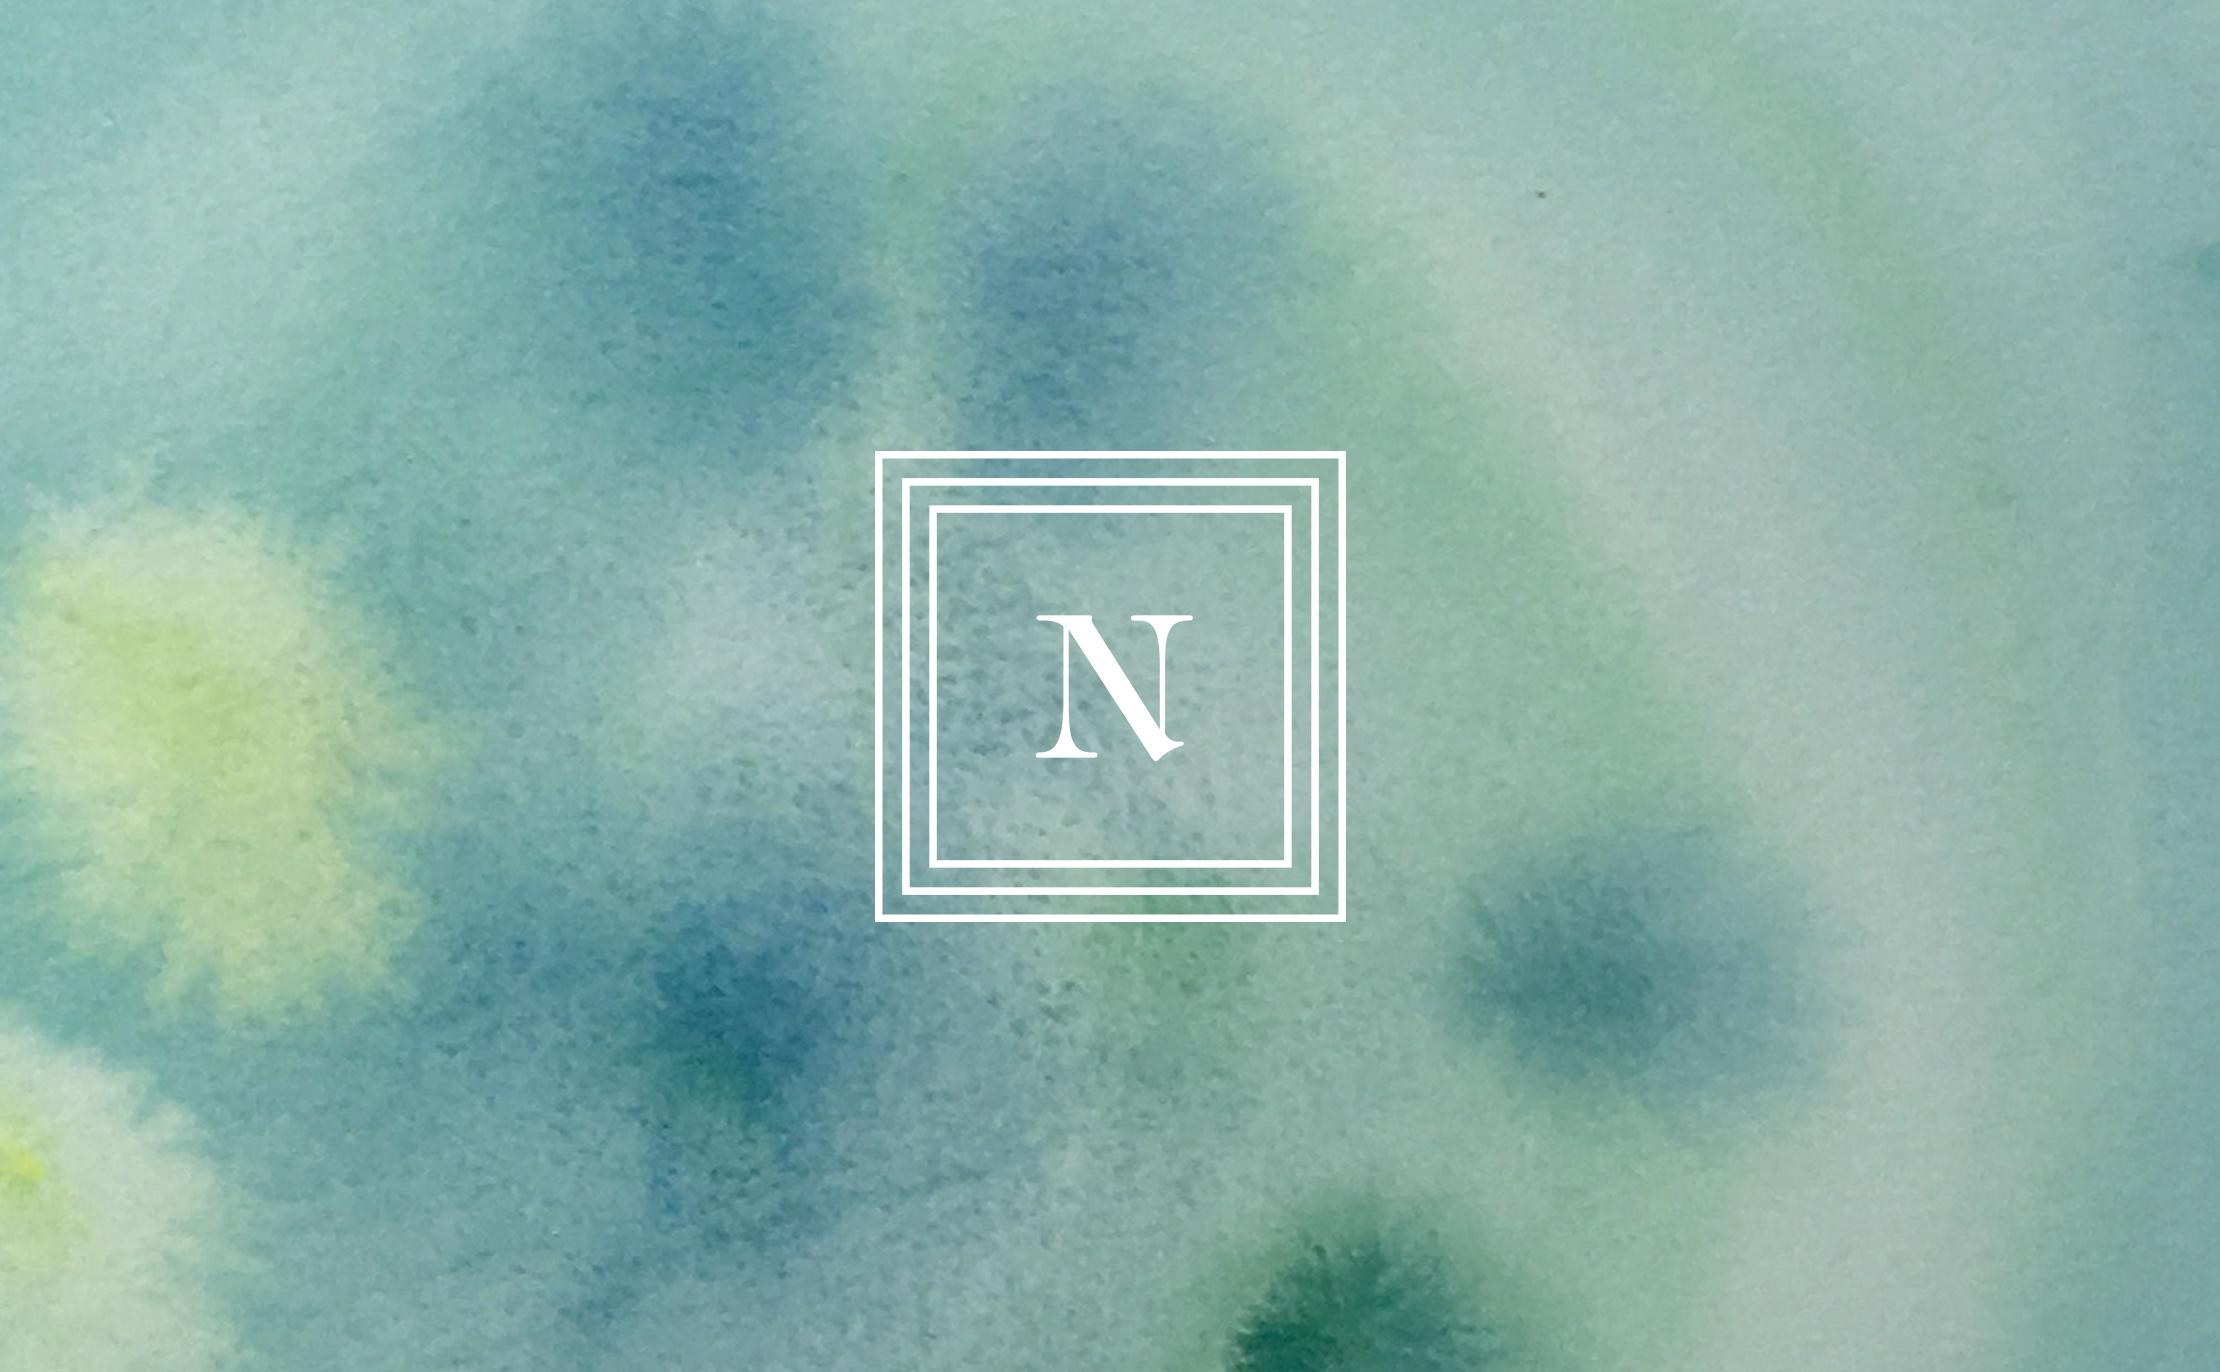 narissa_60.jpg